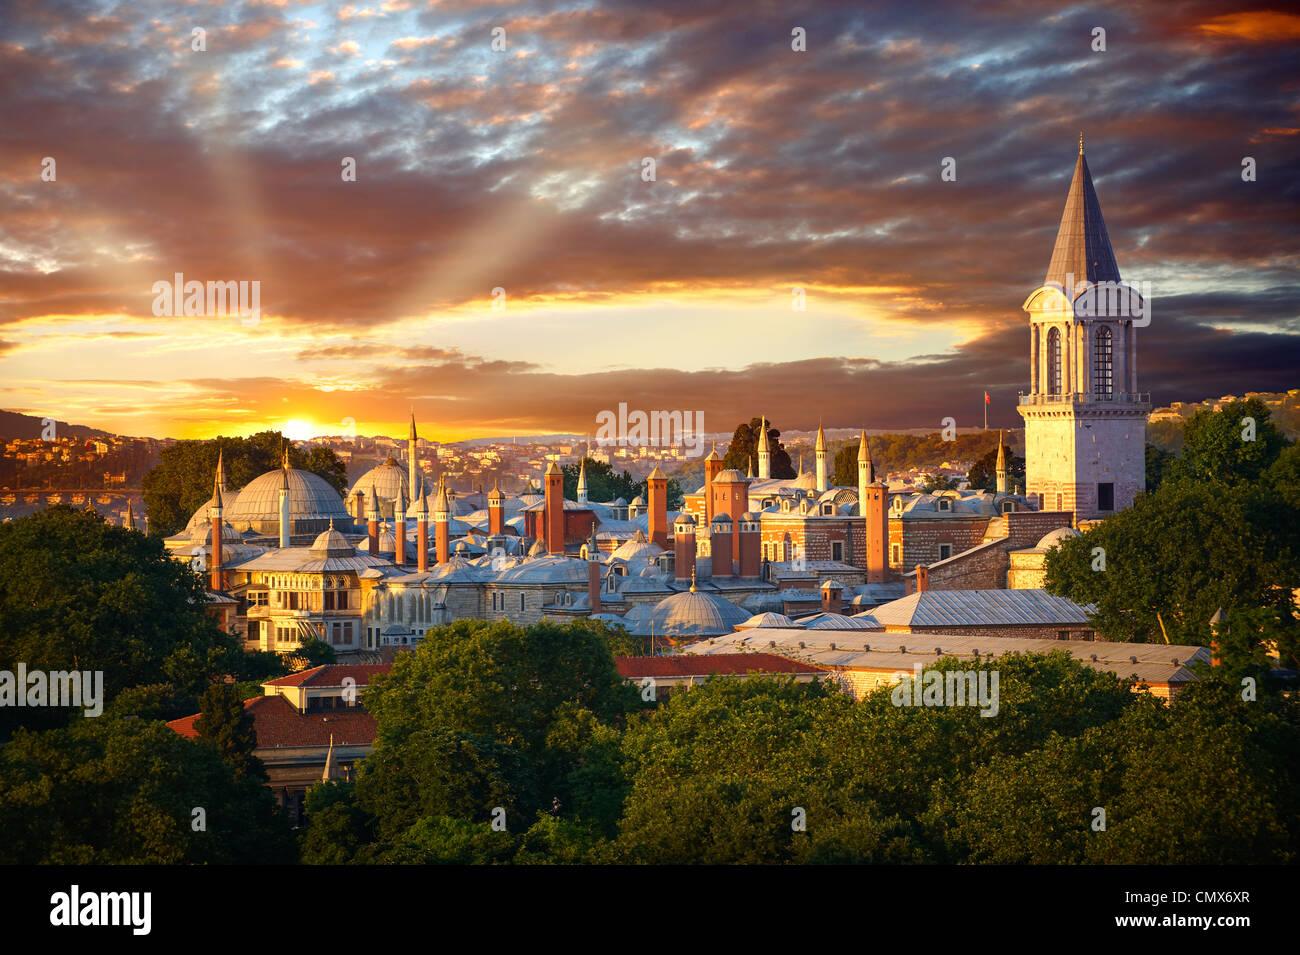 Die Sultane Topkapi-Palast bei Sonnenuntergang, Istanbul, Türkei Stockbild